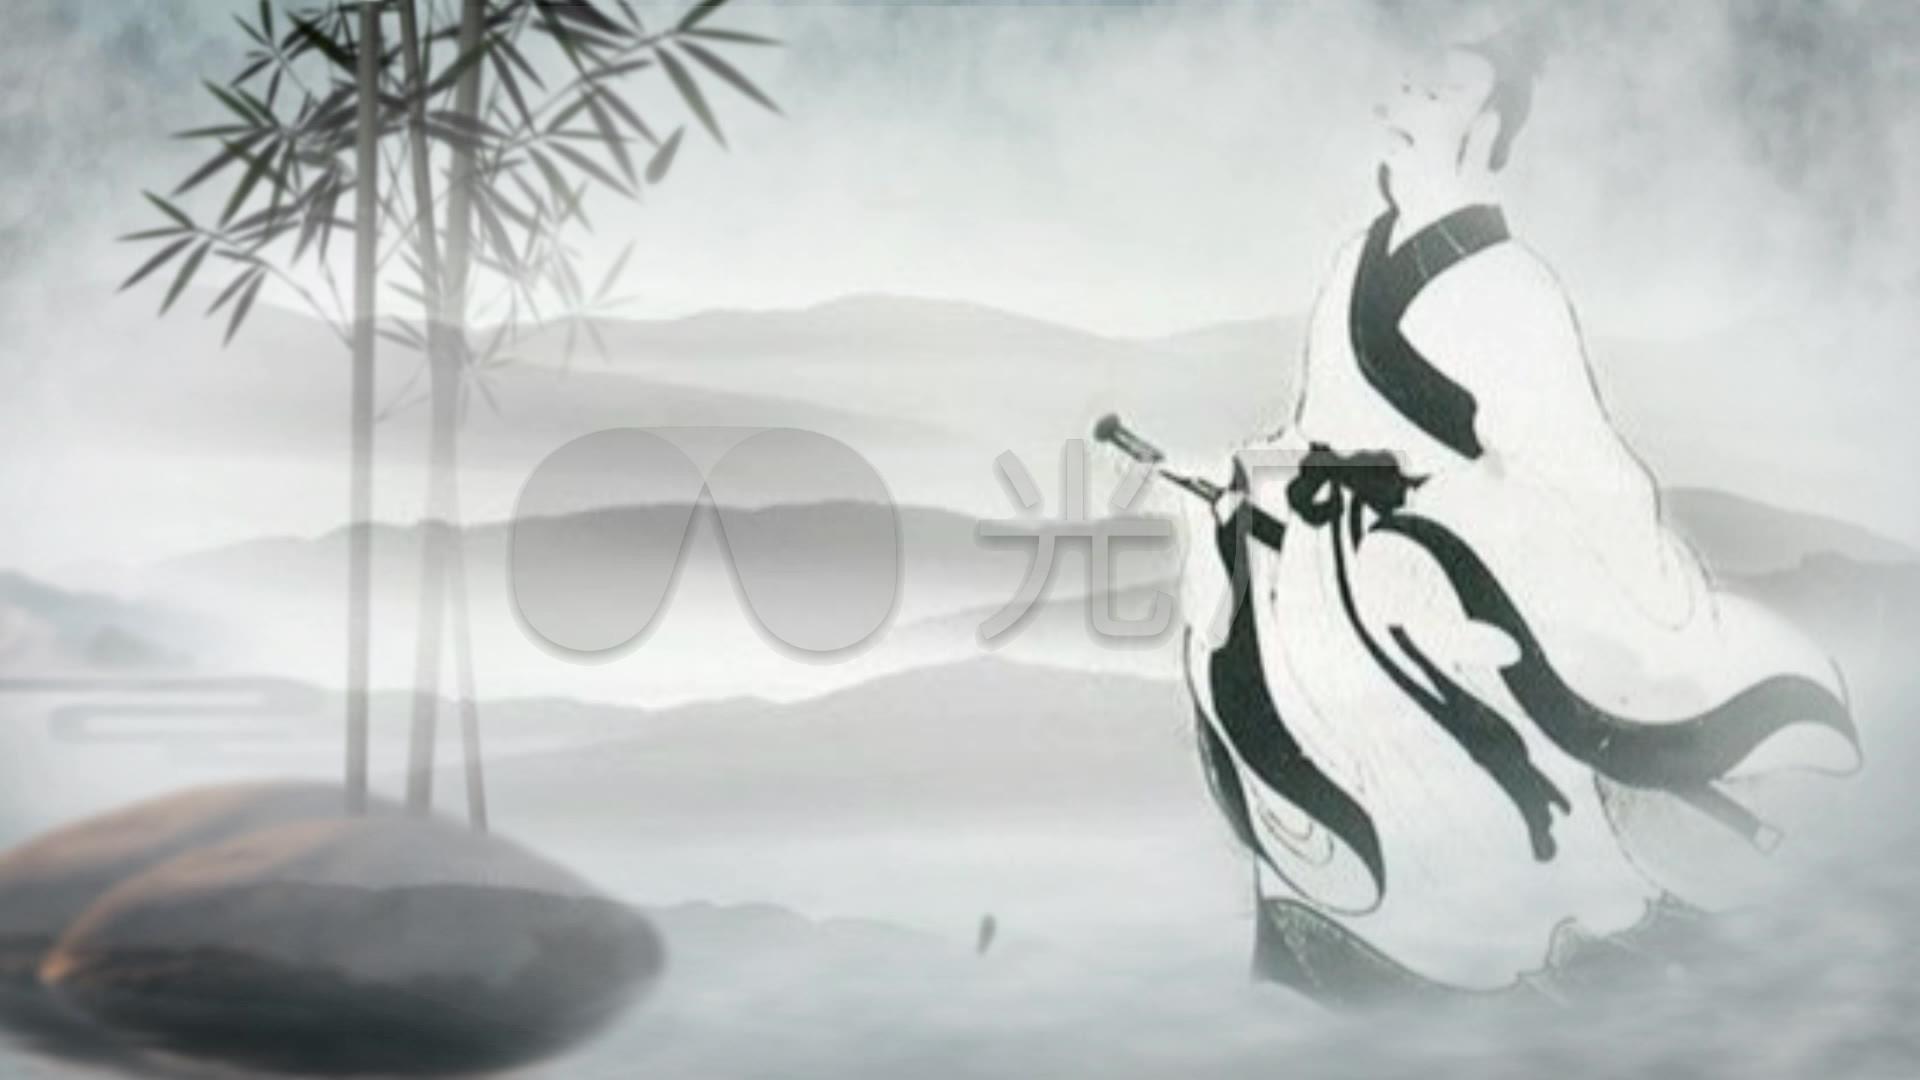 骚张一一视频纪念屈原汽车离骚背景配乐成_1v视频歌曲舞台图片